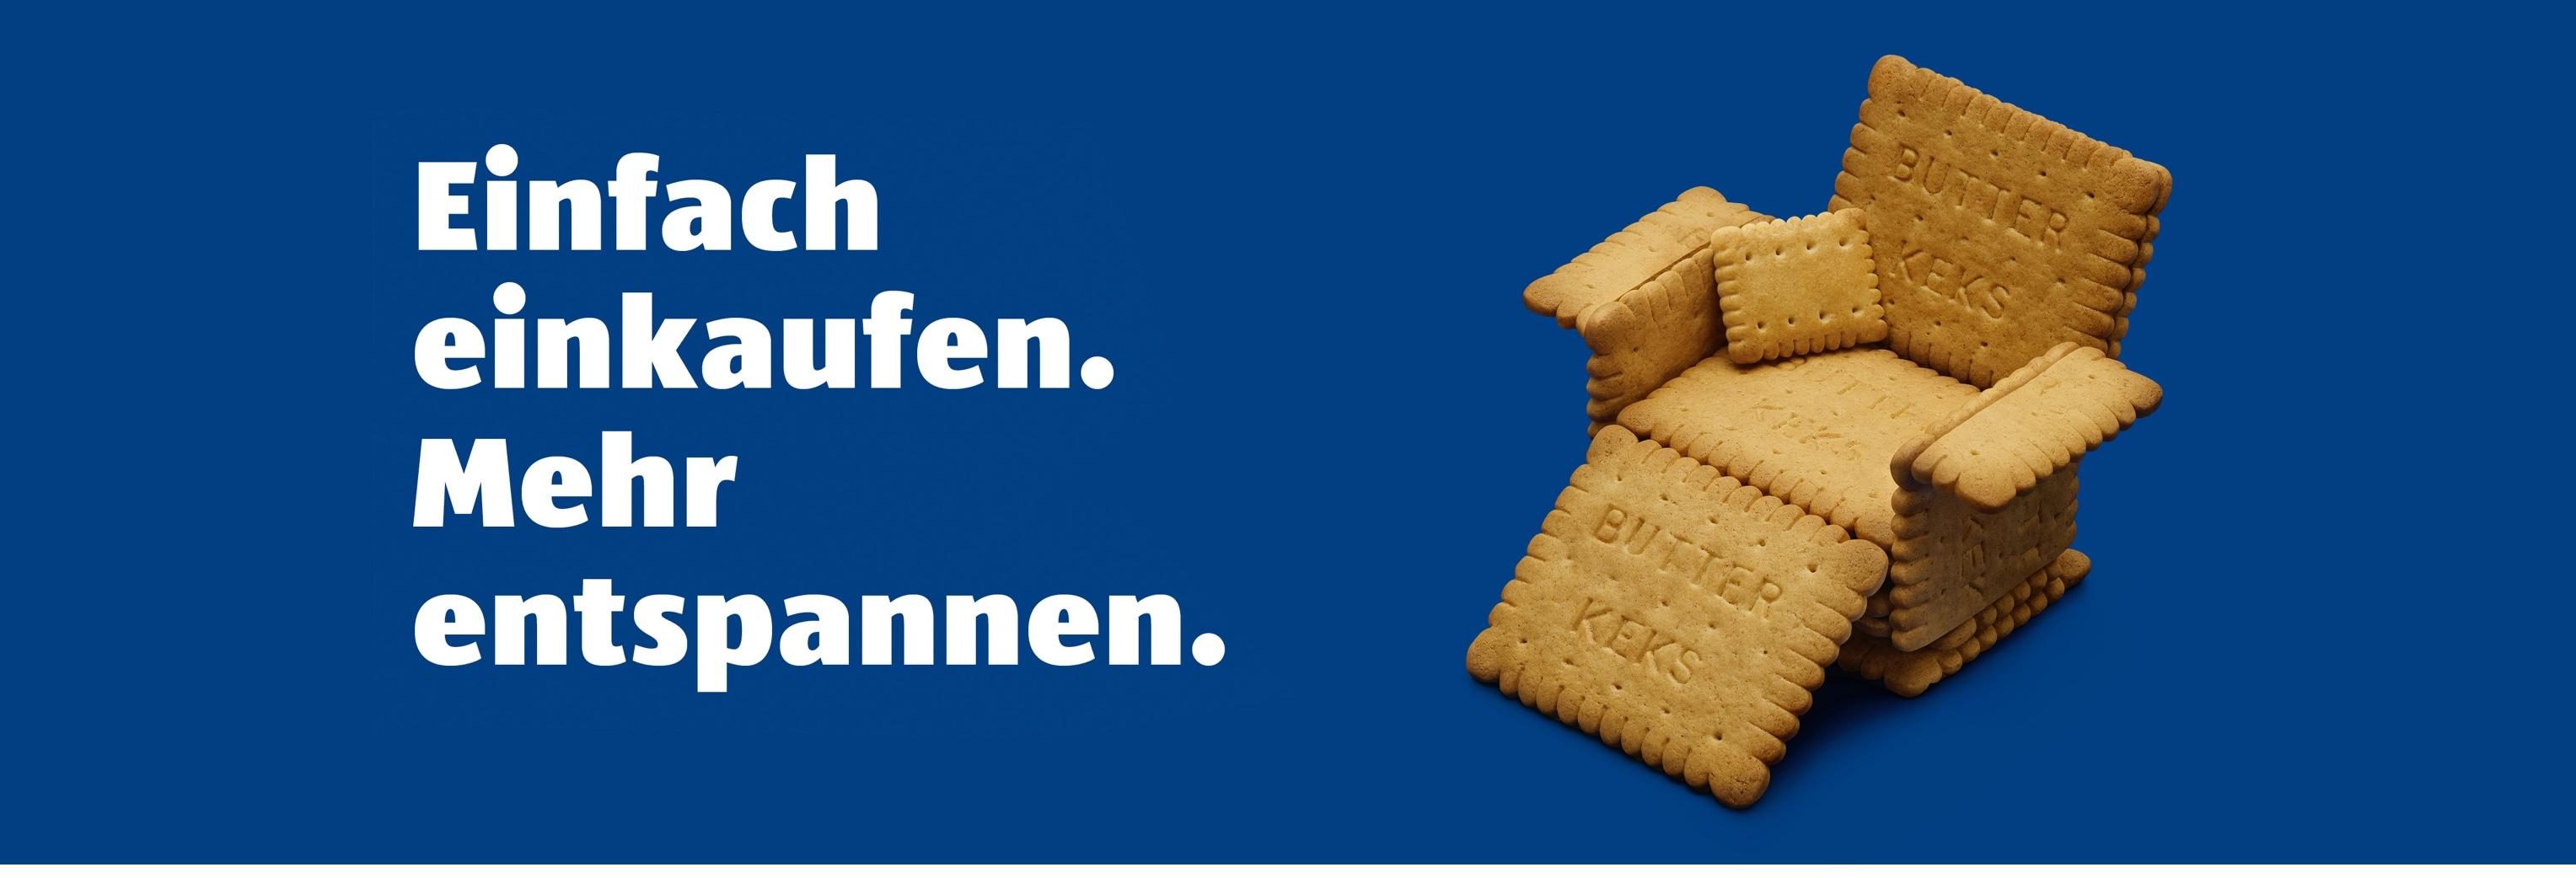 Motiv Sessel aus Kekse - Mehr entspannen - Kampagne Einfach Einkaufen - Aldi Süd - Headerbild